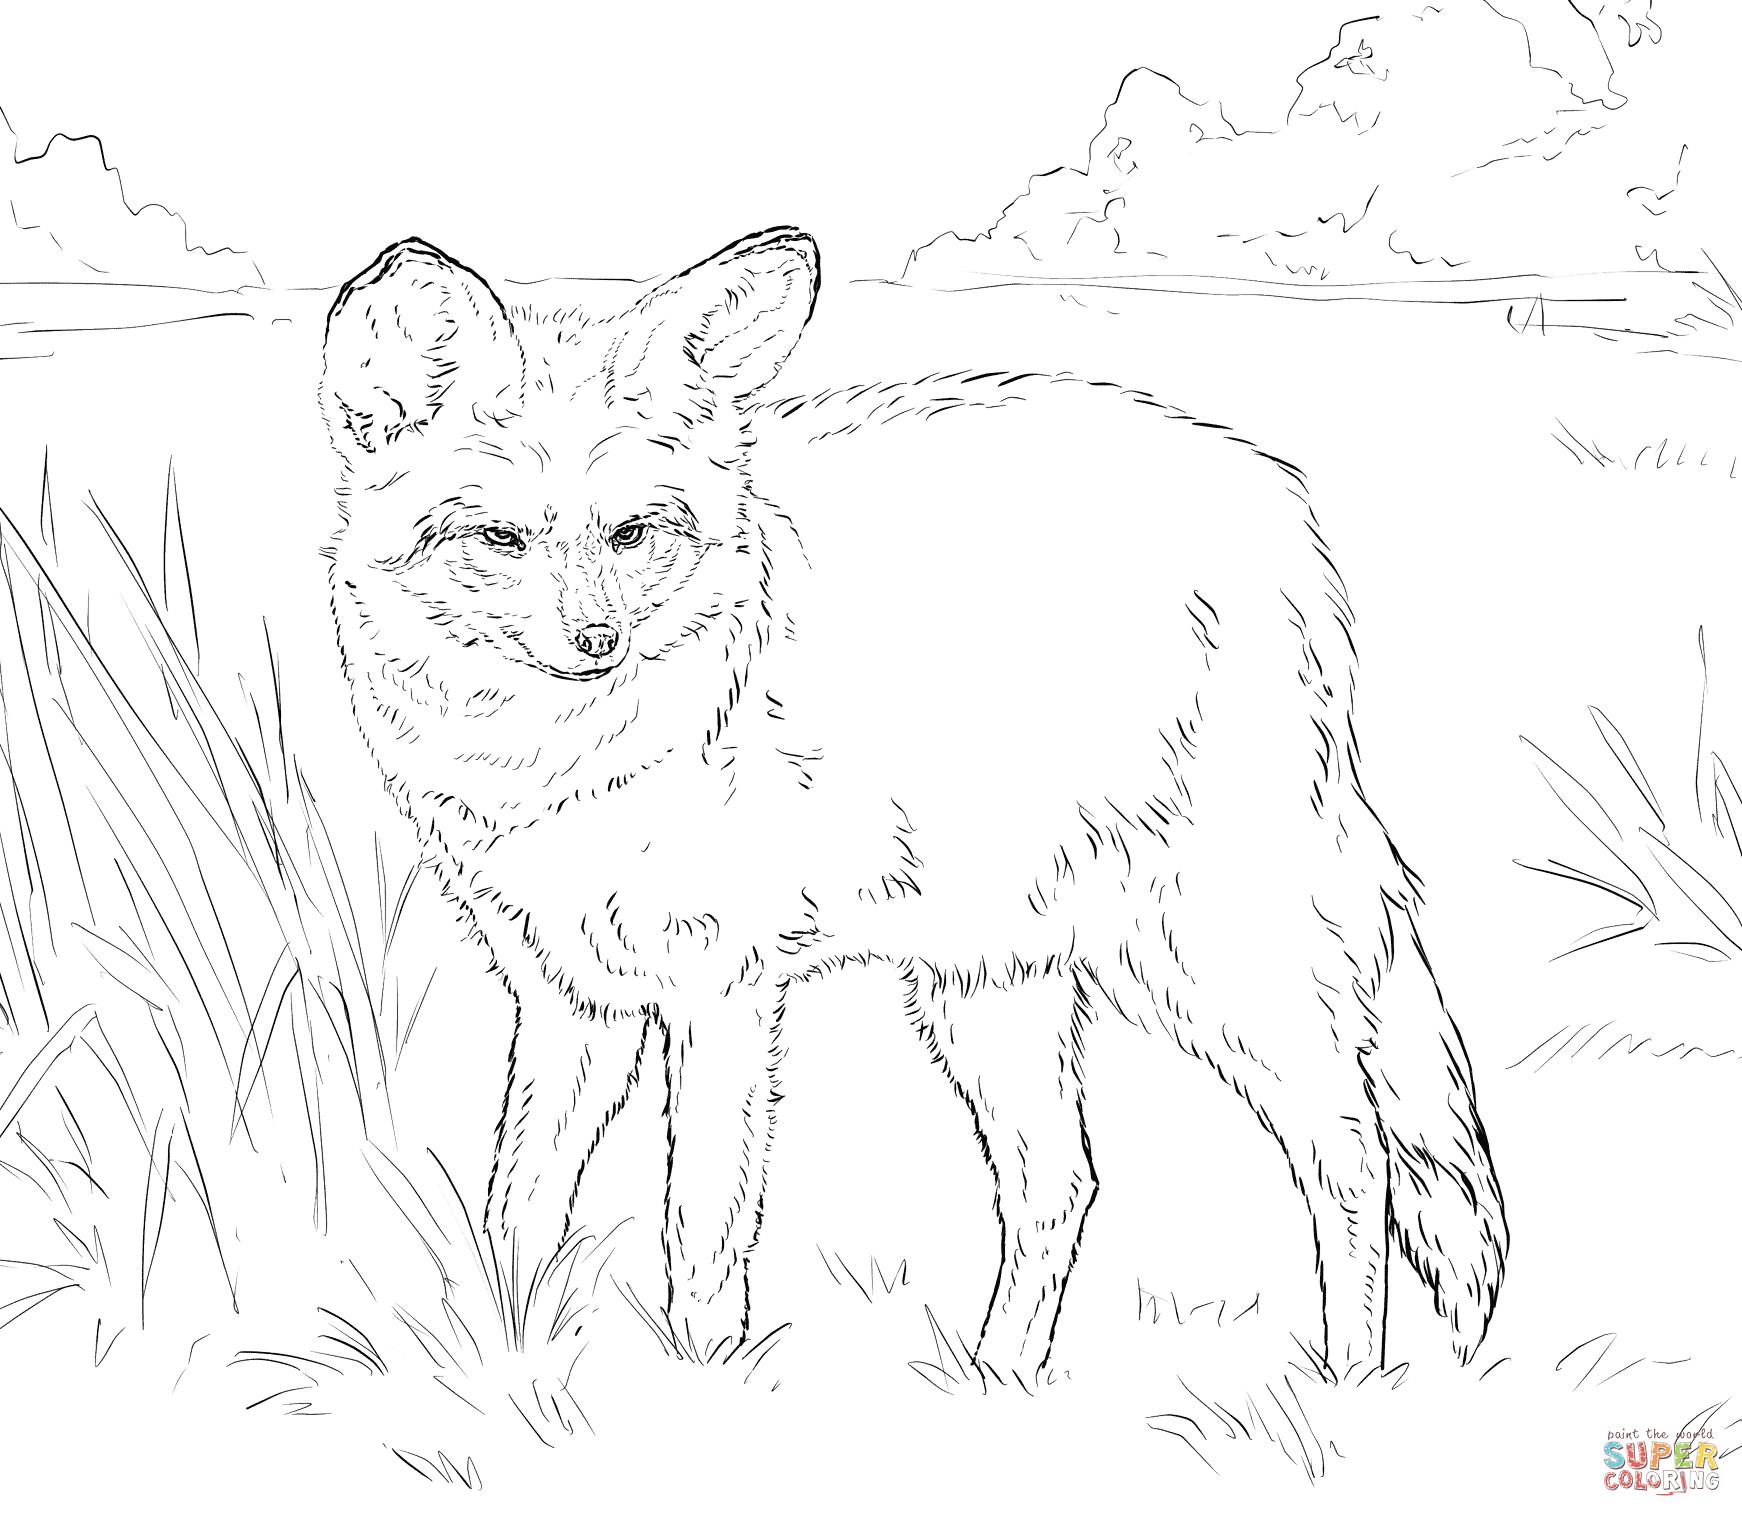 Bat-Eared Fox coloring, Download Bat-Eared Fox coloring